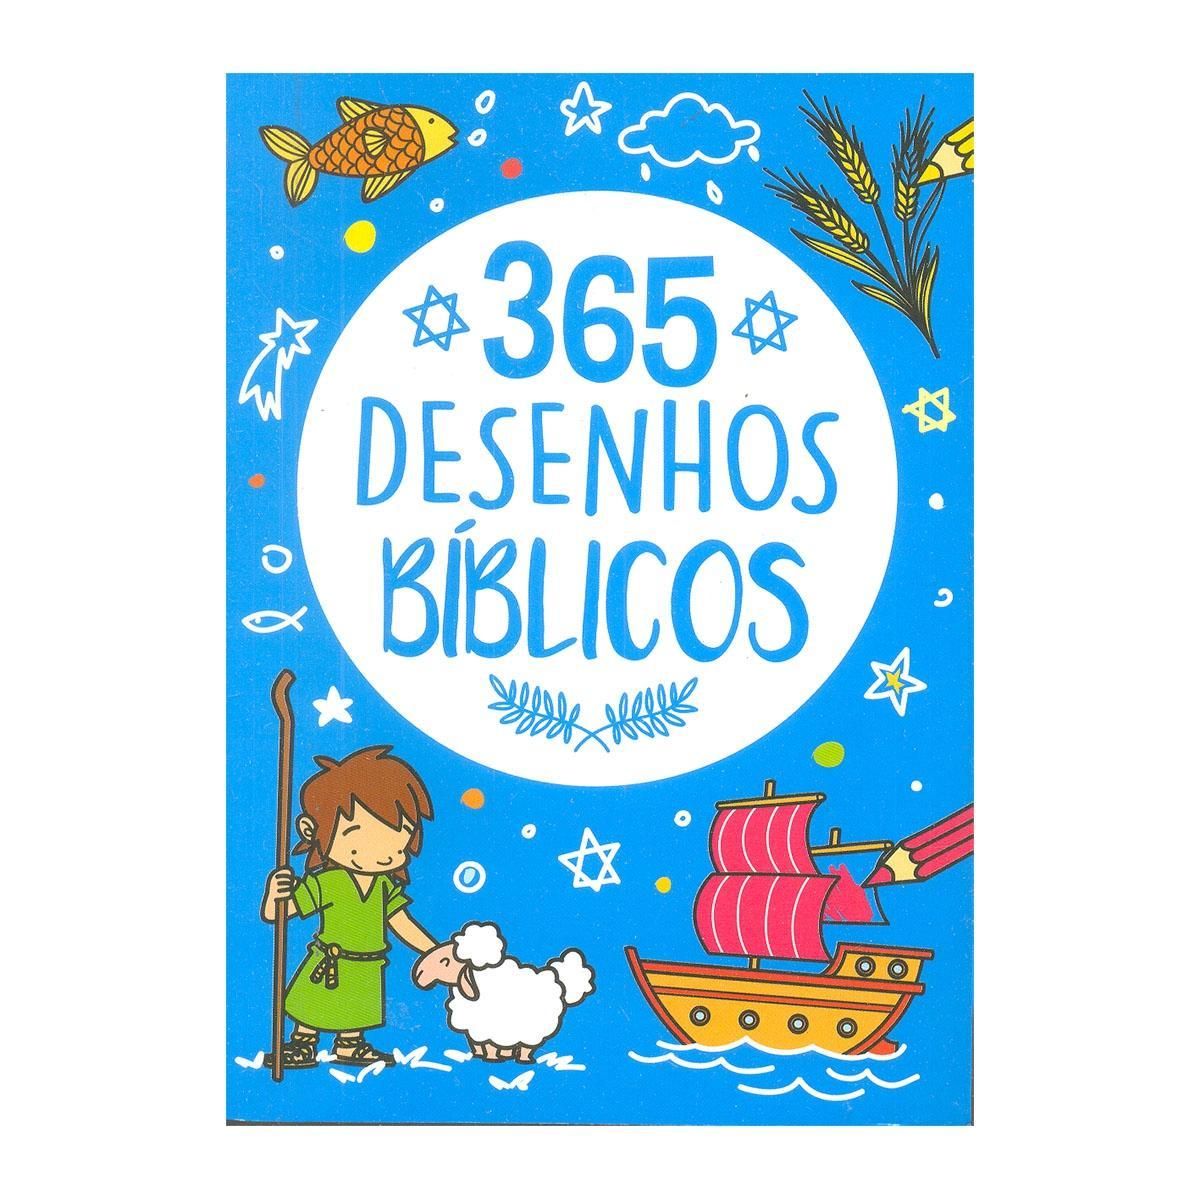 Colecao 365 Historias Biblicas Atividades Desenho Biblicos Pe Da